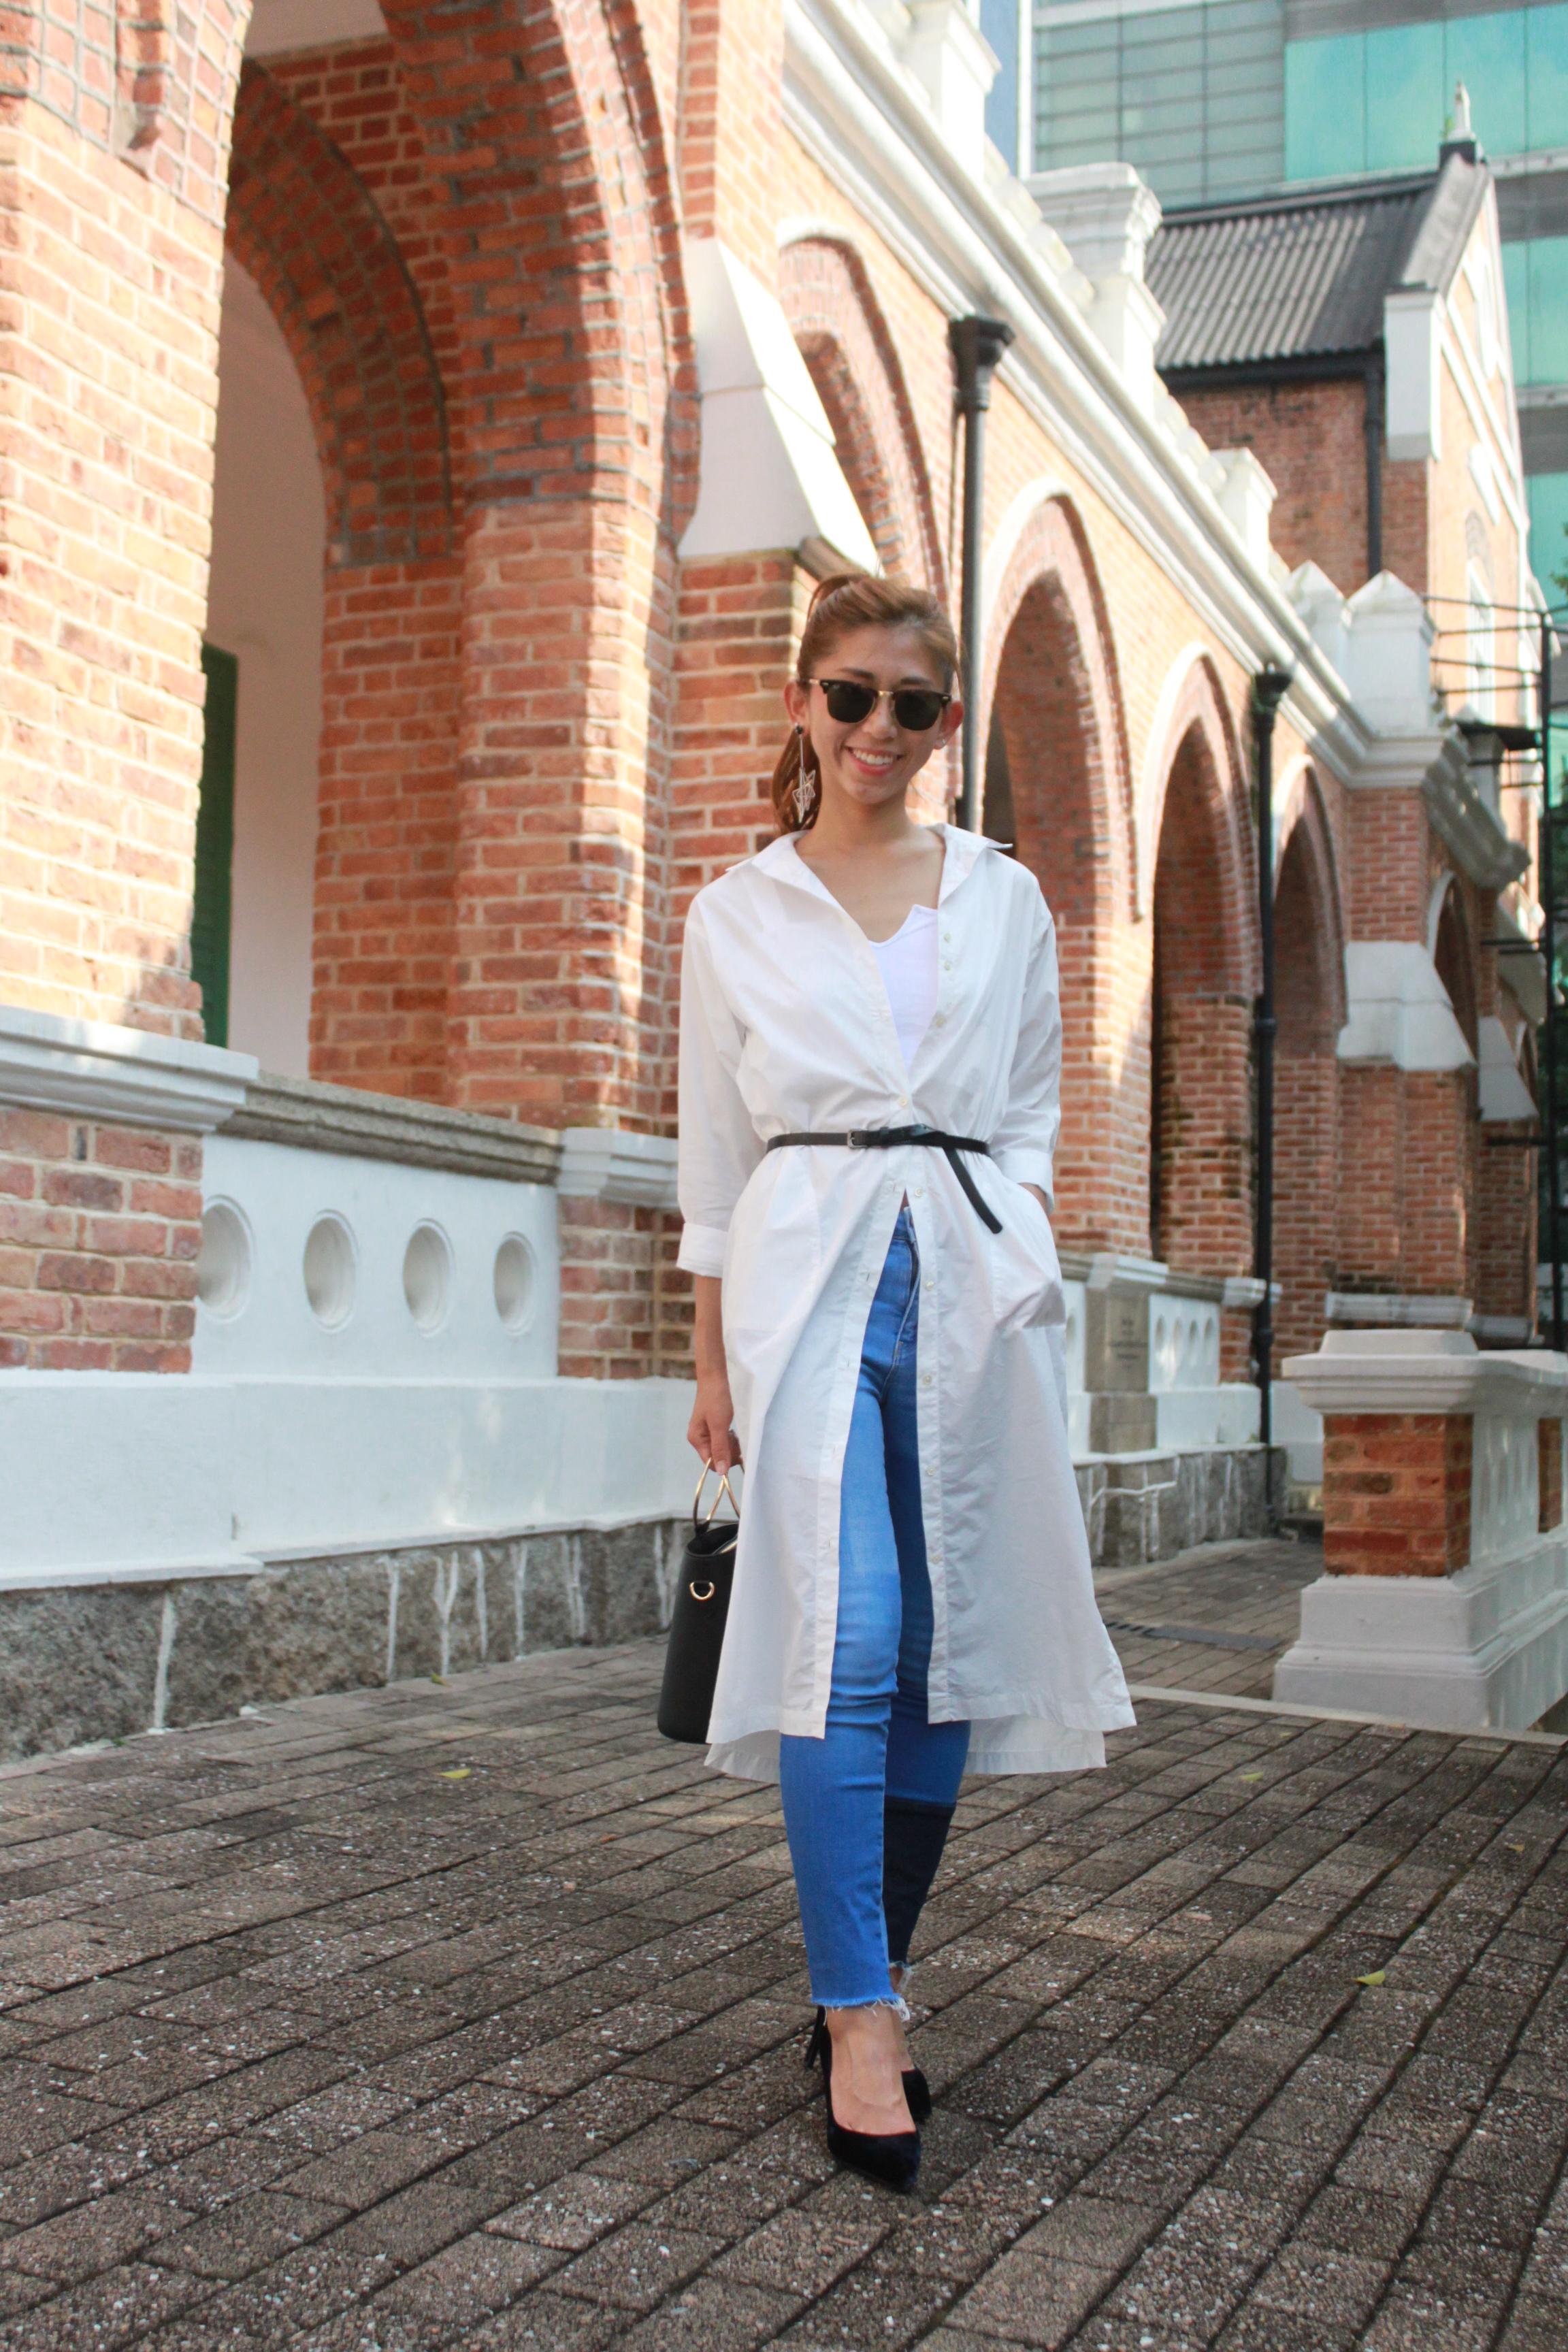 Long shirt from Japan / Brandy Melville white top / Zara patchwork jeans / Prada Velvet pumps / Ring bag from Japan / Mosdress star earrings